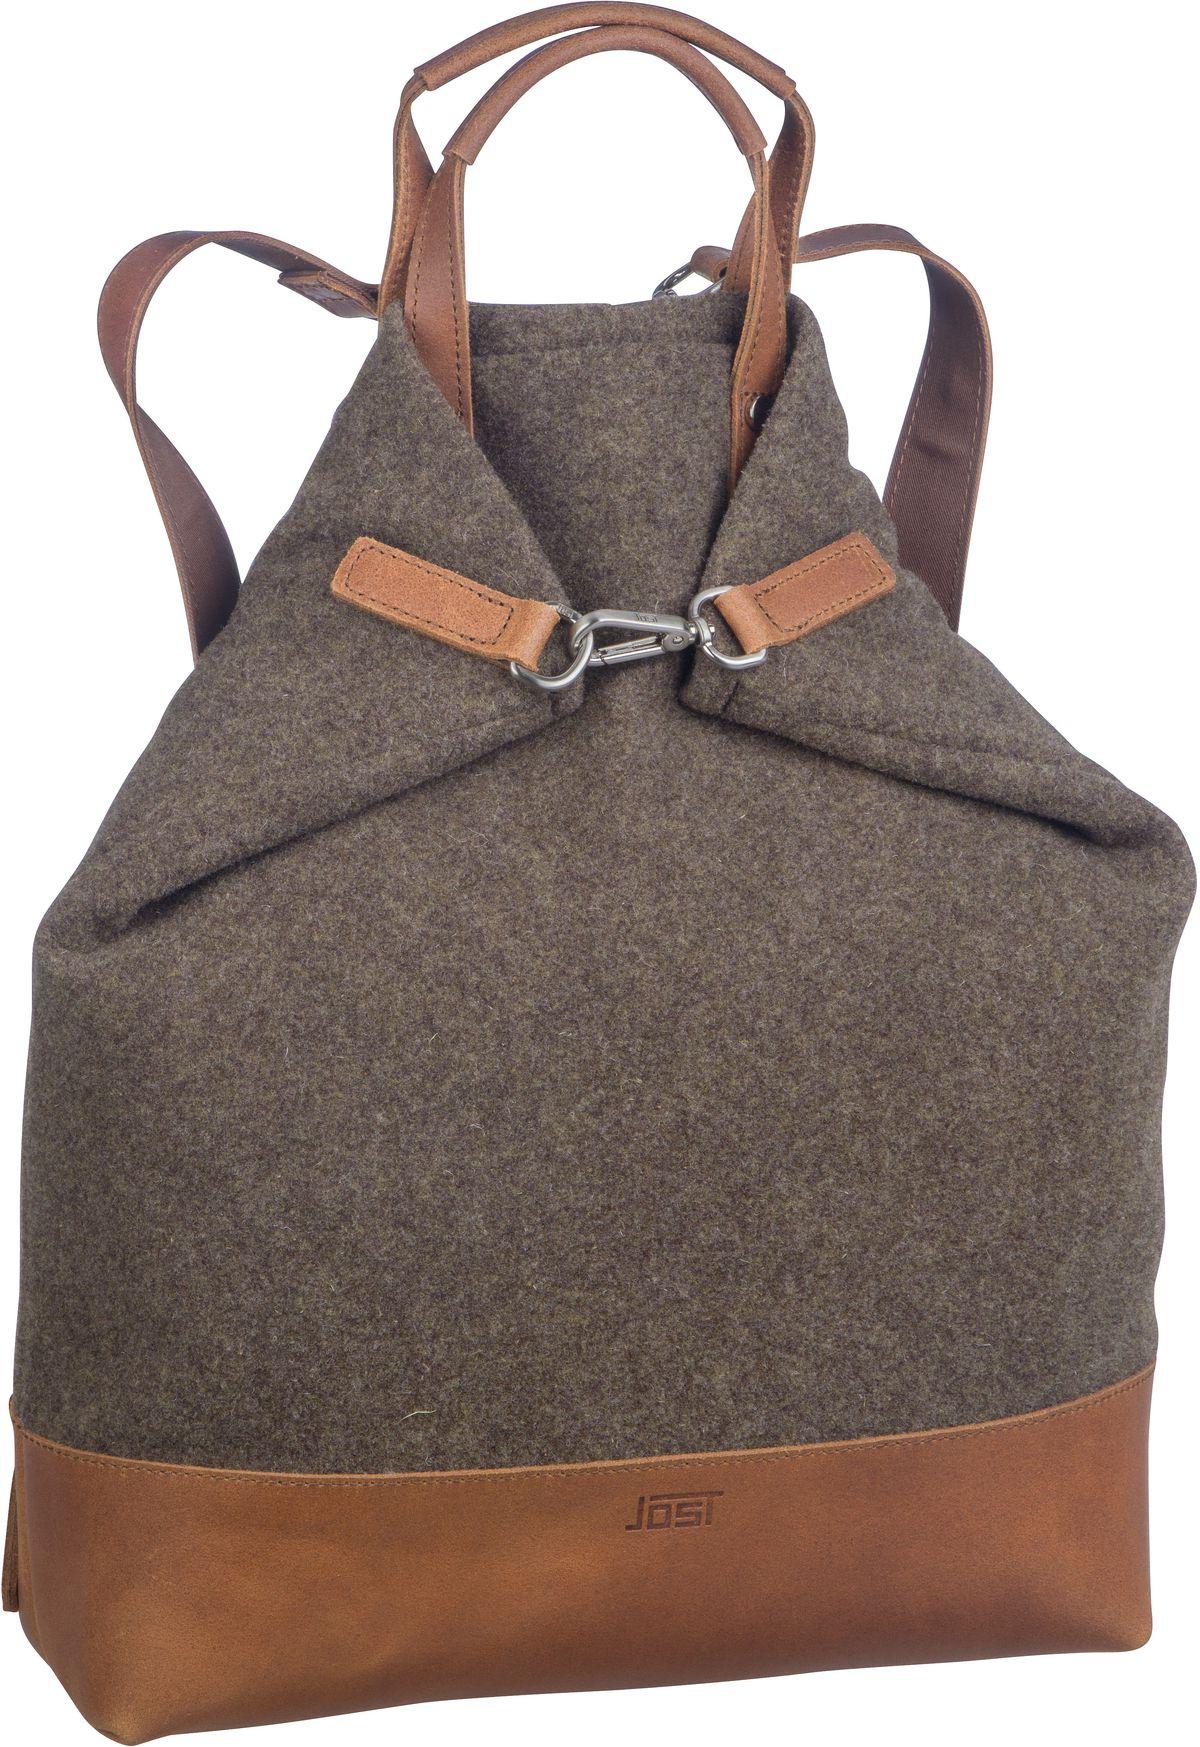 Rucksack / Daypack Farum 3033 X-Change 3in1 Bag M Brown